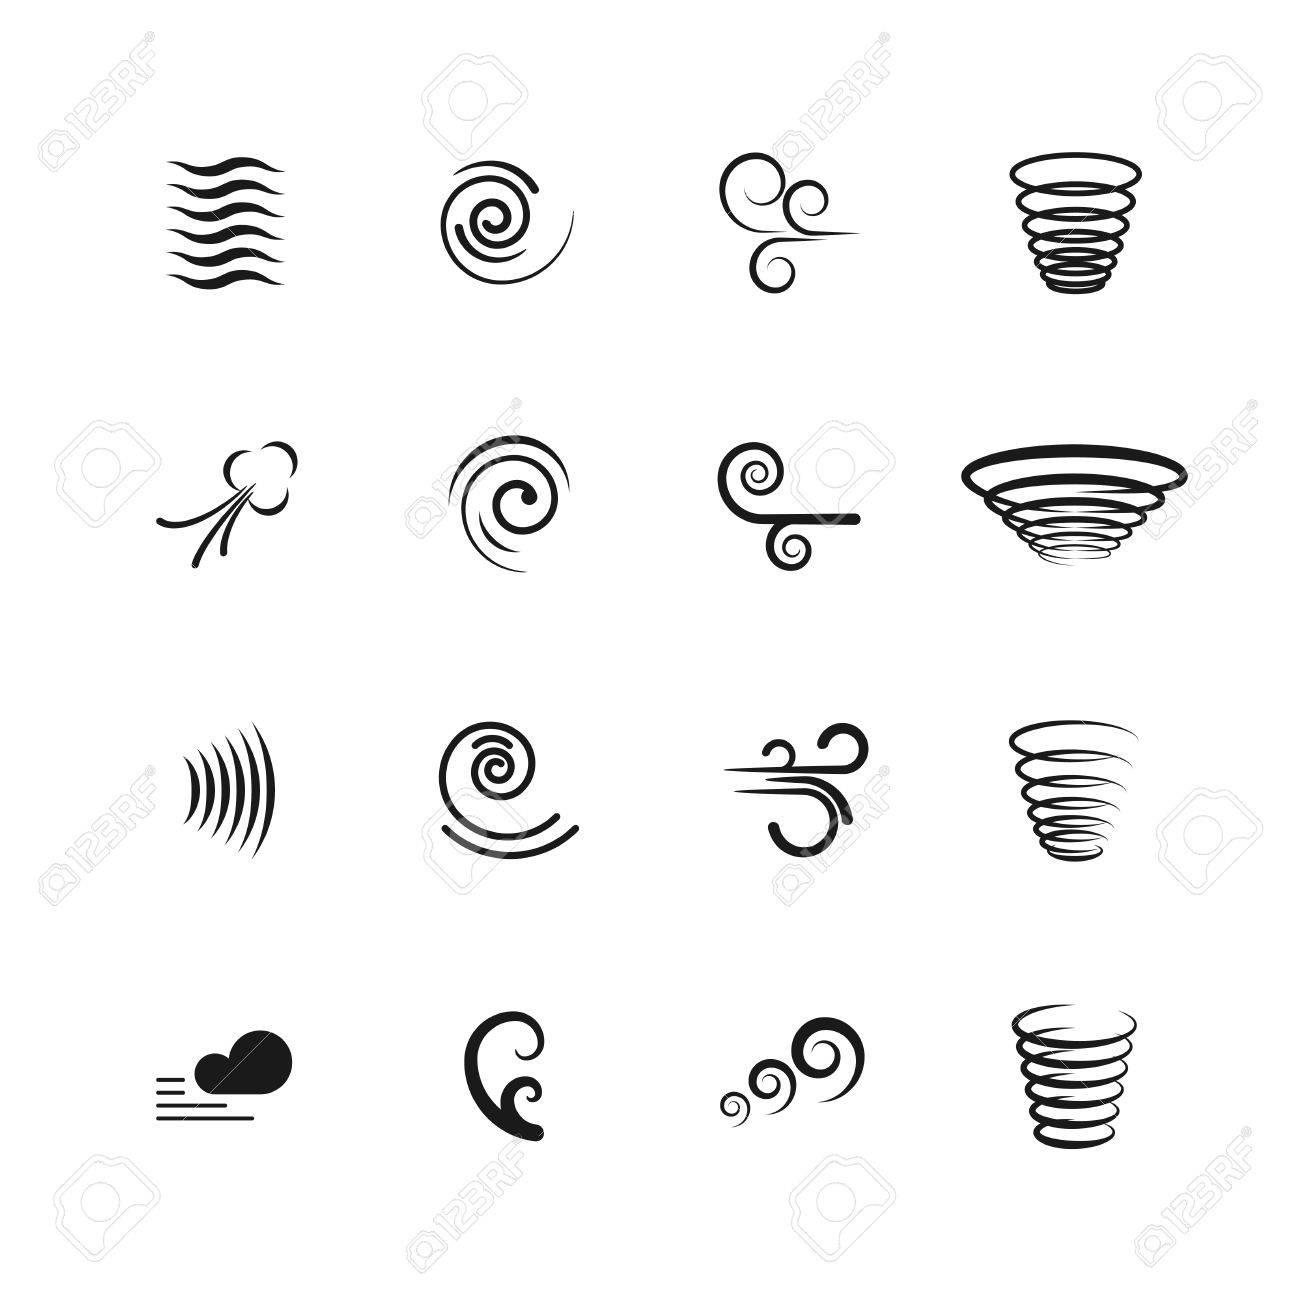 風動きベクトルのアイコン渦や波渦竜巻イラスト セットの